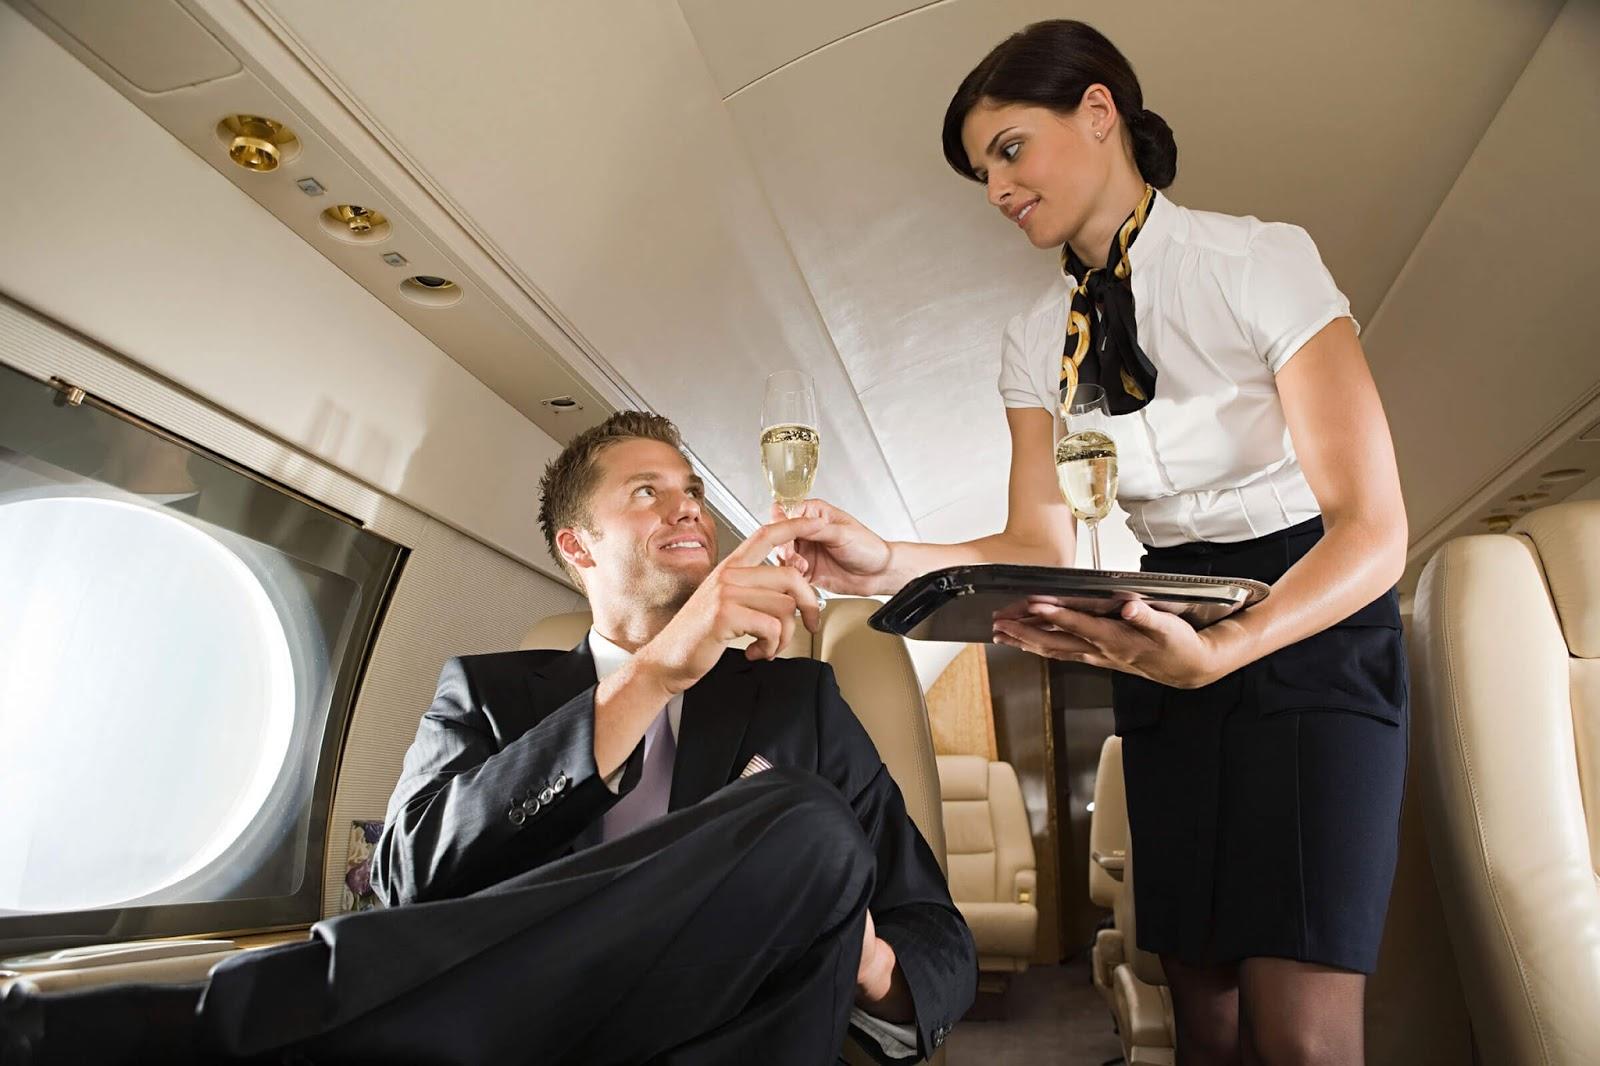 Uçak Seyahatinde Kabin Memurlarına Ve Hosteslere İlk Görüşte Aşık Olmak